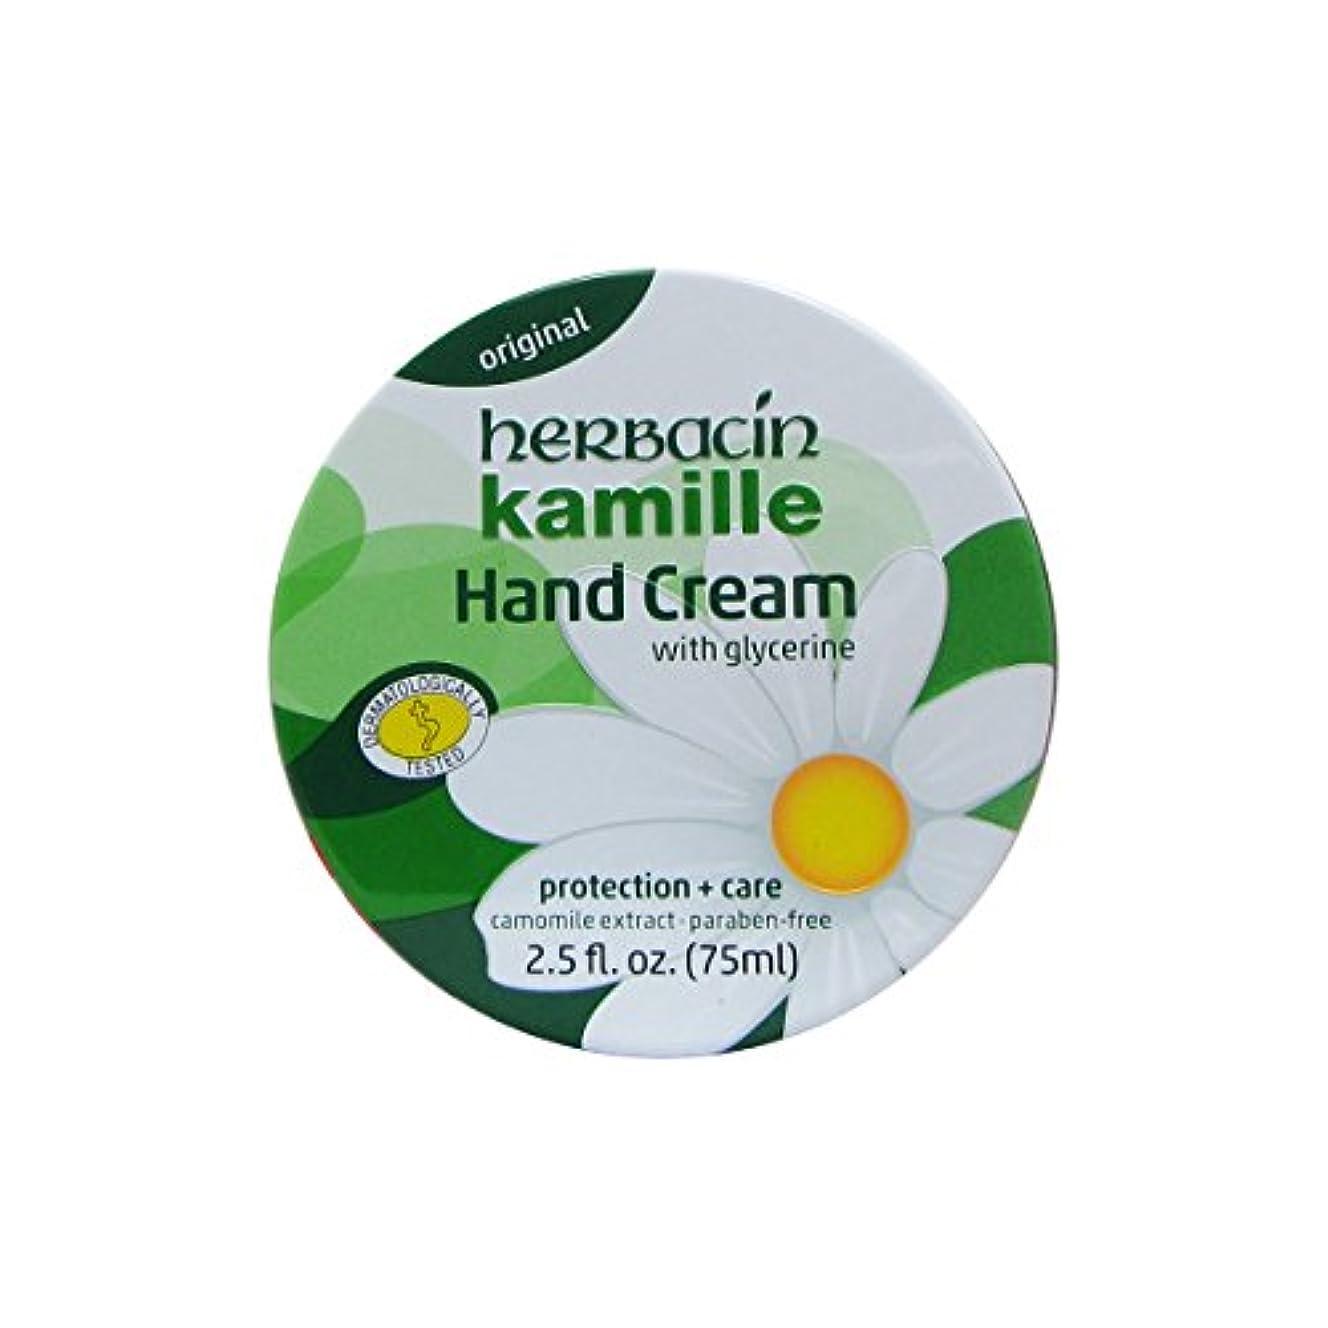 Herbacin Wuta Kamille Hand Cream Tin 75ml [並行輸入品]